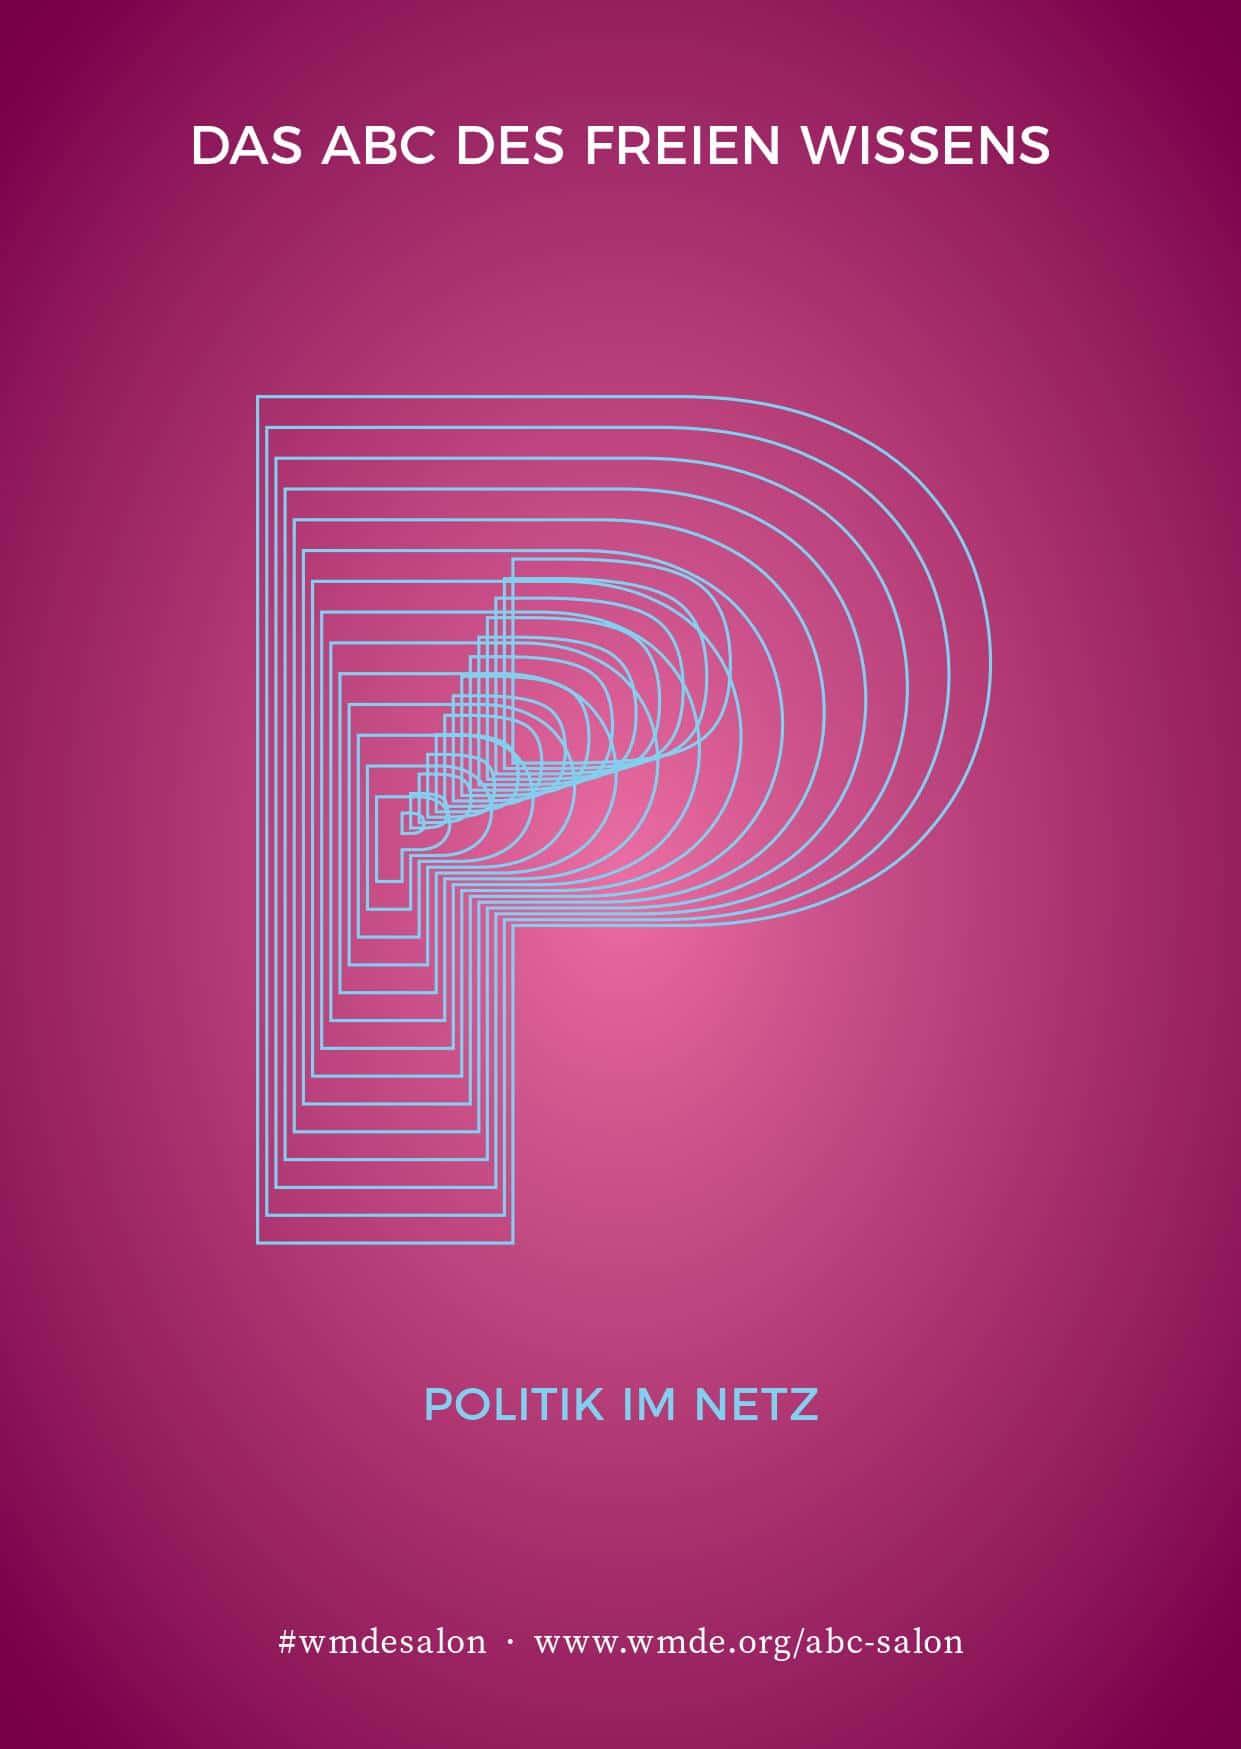 """Graphische Darstellung des Buchstaben """"P"""""""